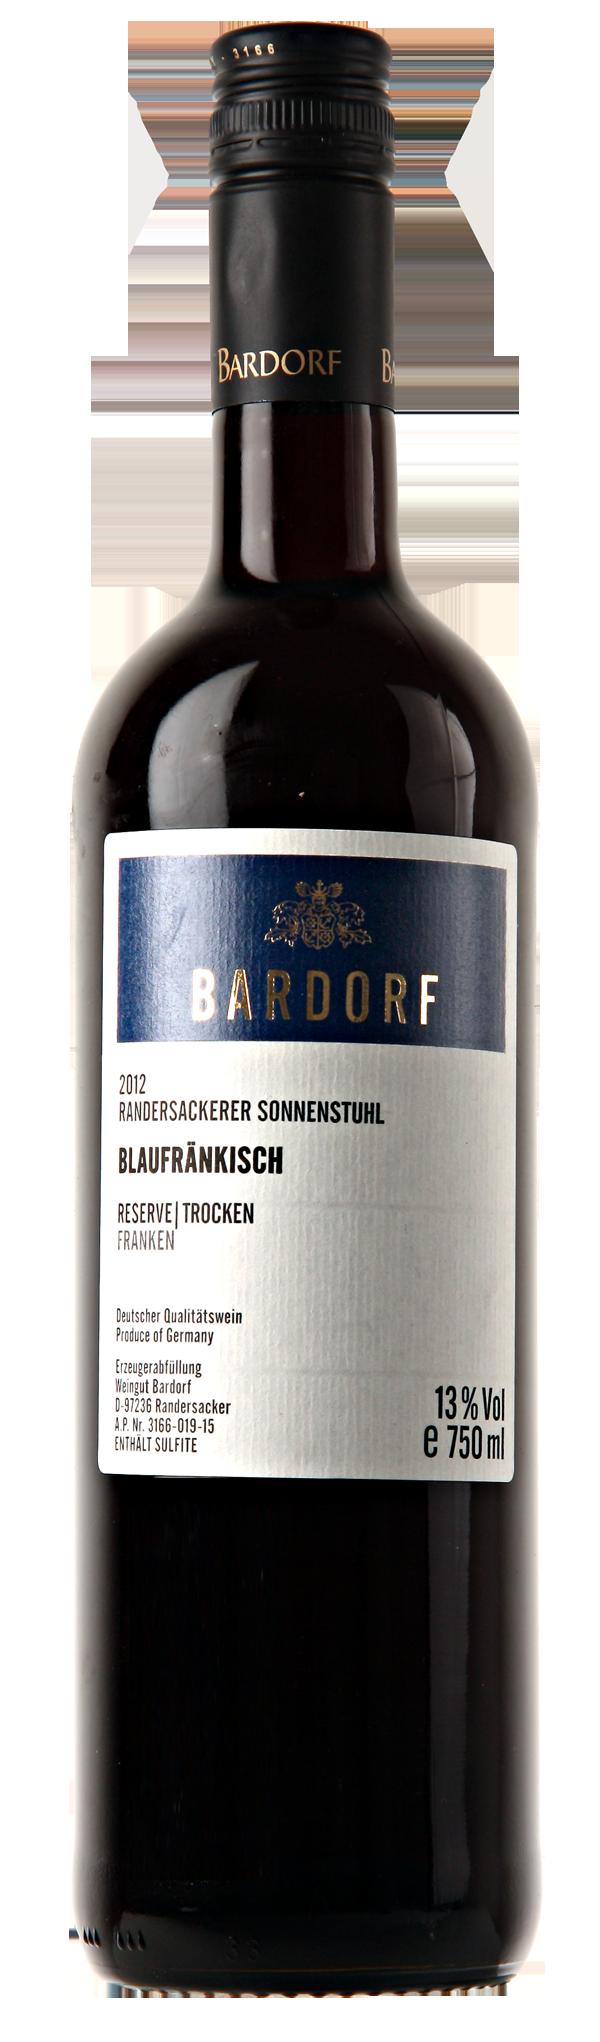 2012-sonnenstuhl-blaufraenkisch-reserve-trocken-bx